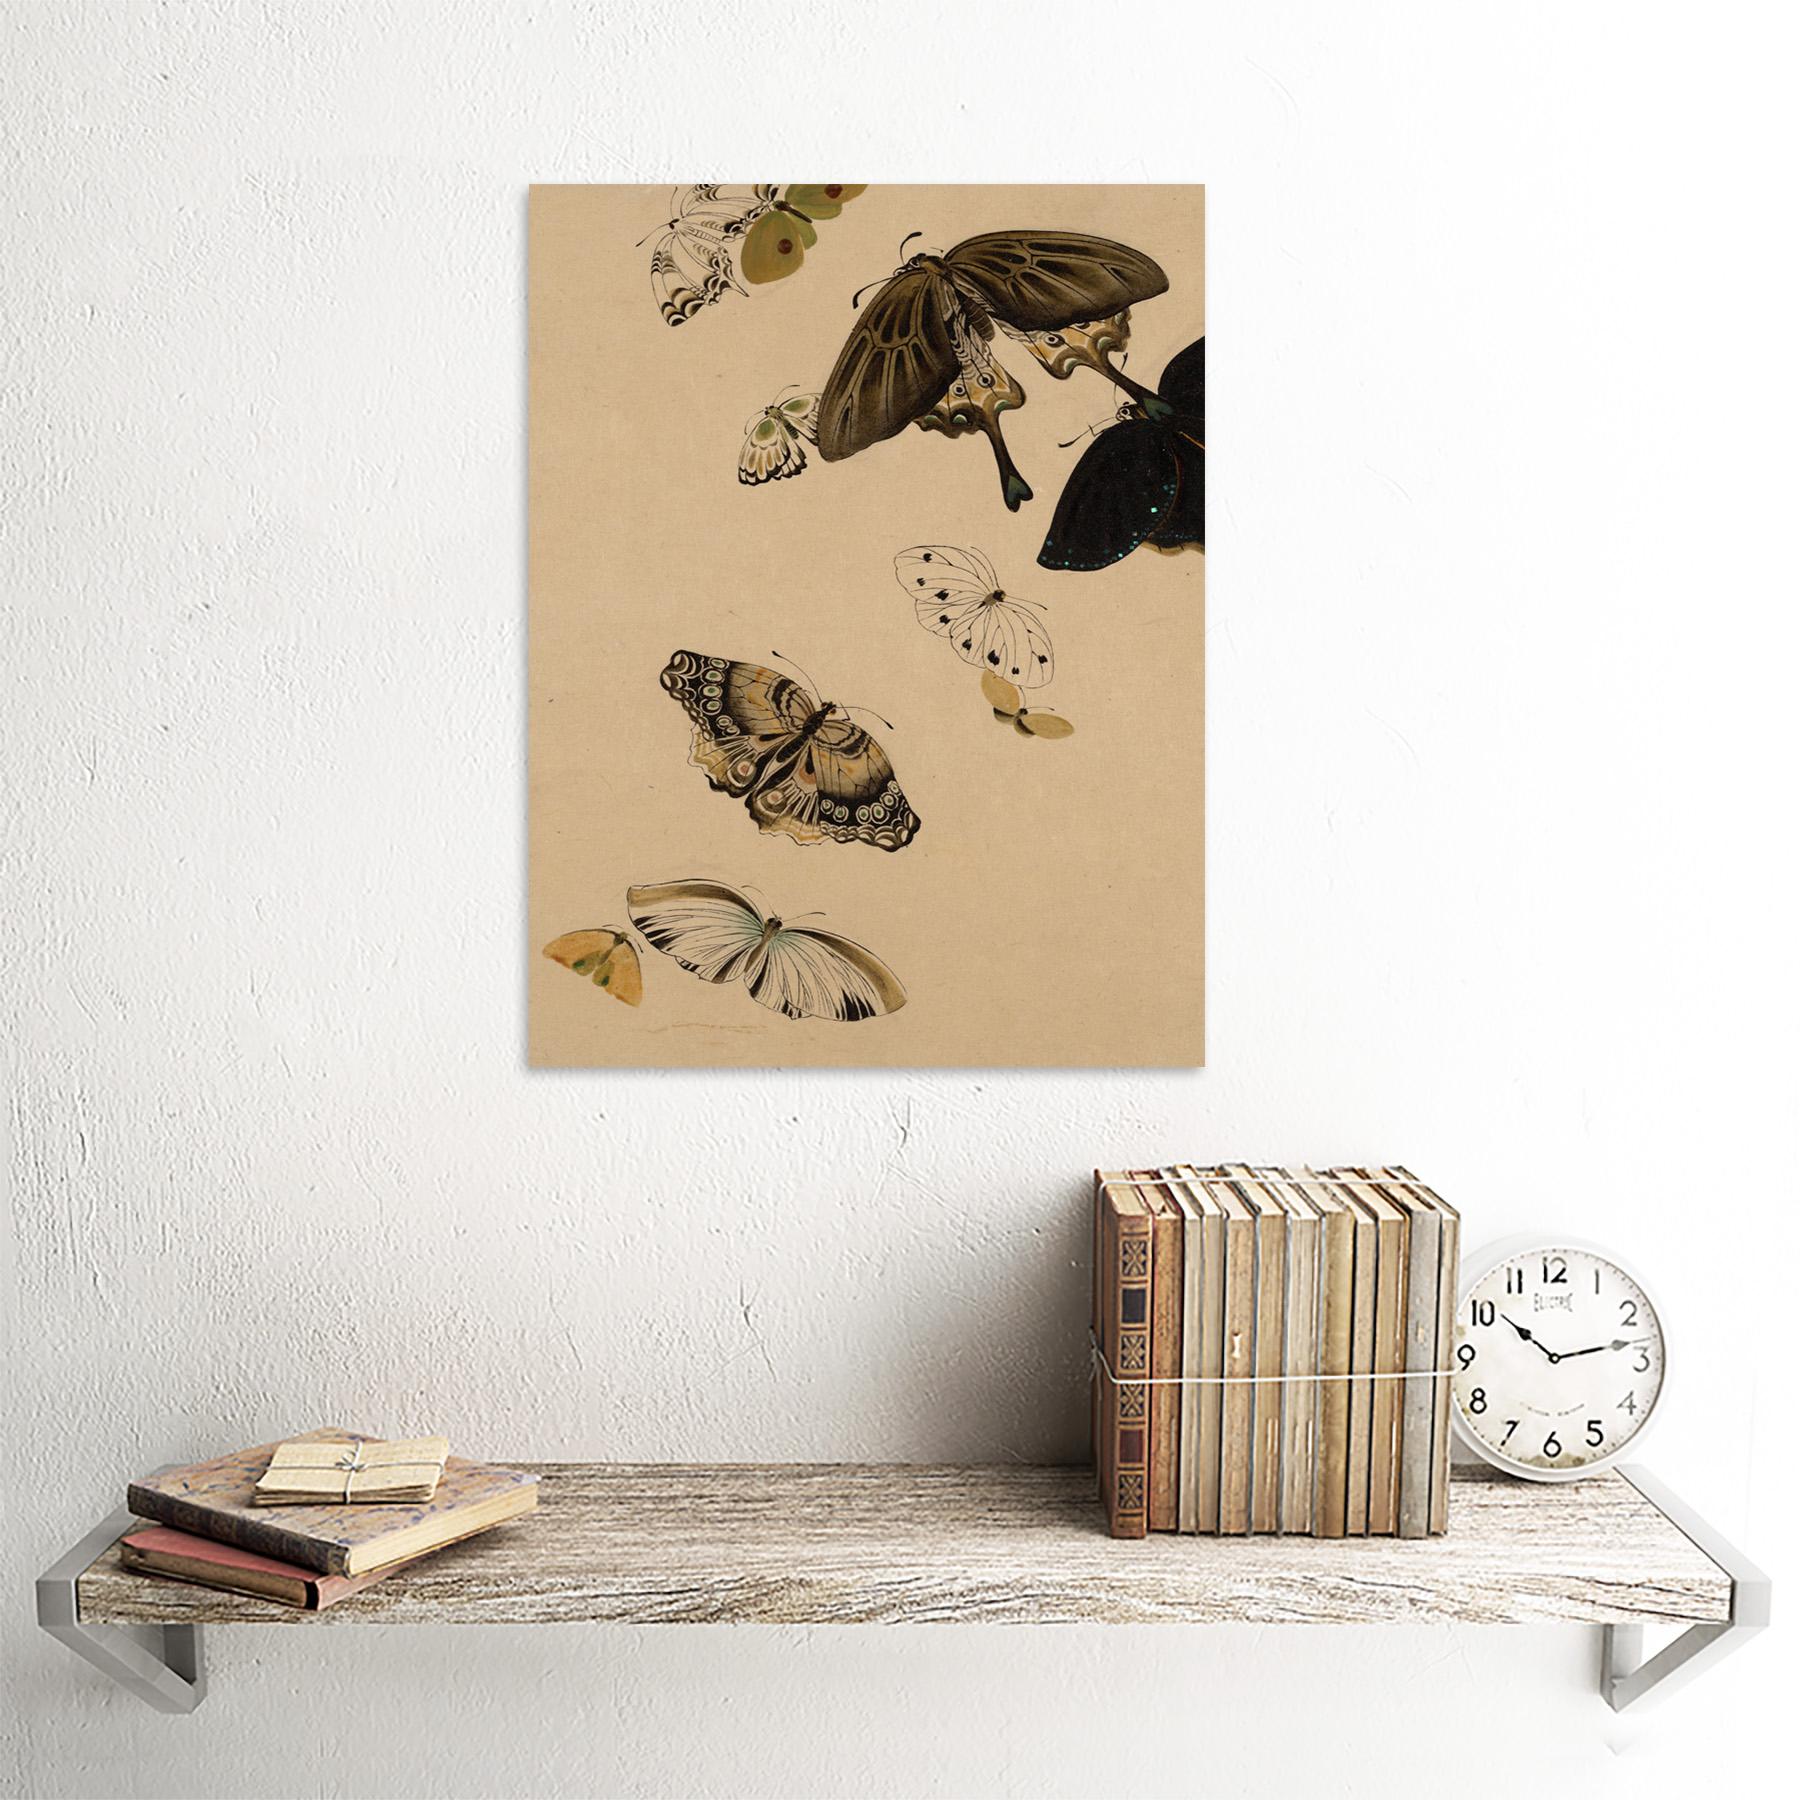 Zeshin-Butterflies-Japanese-Laquer-Painting-Wall-Art-Print-Framed-12x16 thumbnail 23